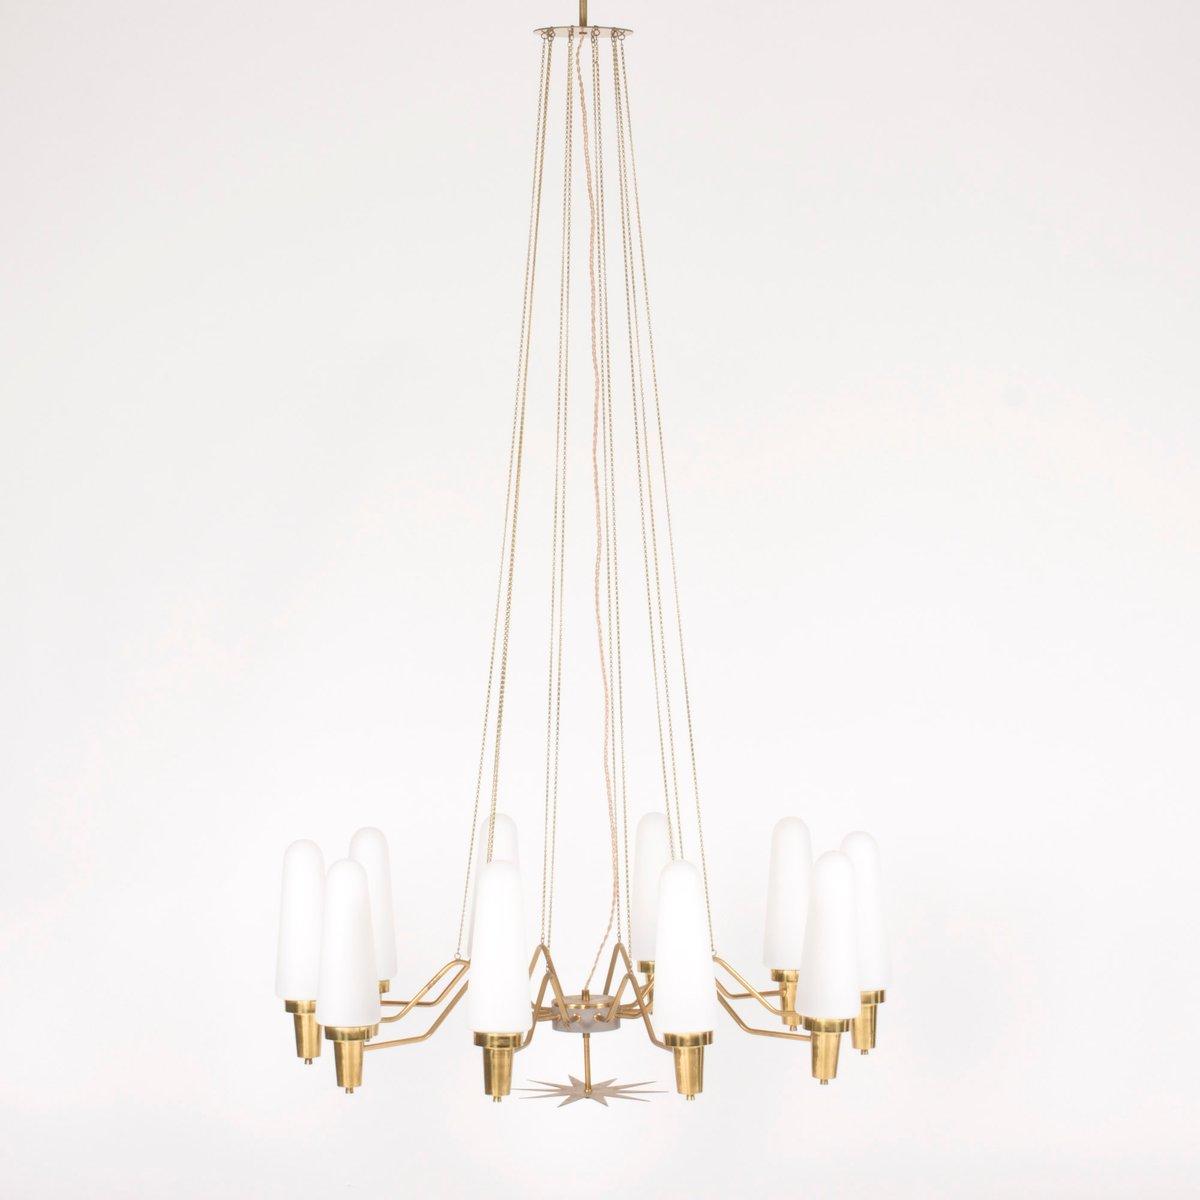 Messing & Opalglas Kronleuchter von Nordiska Kompaniet, 1950er